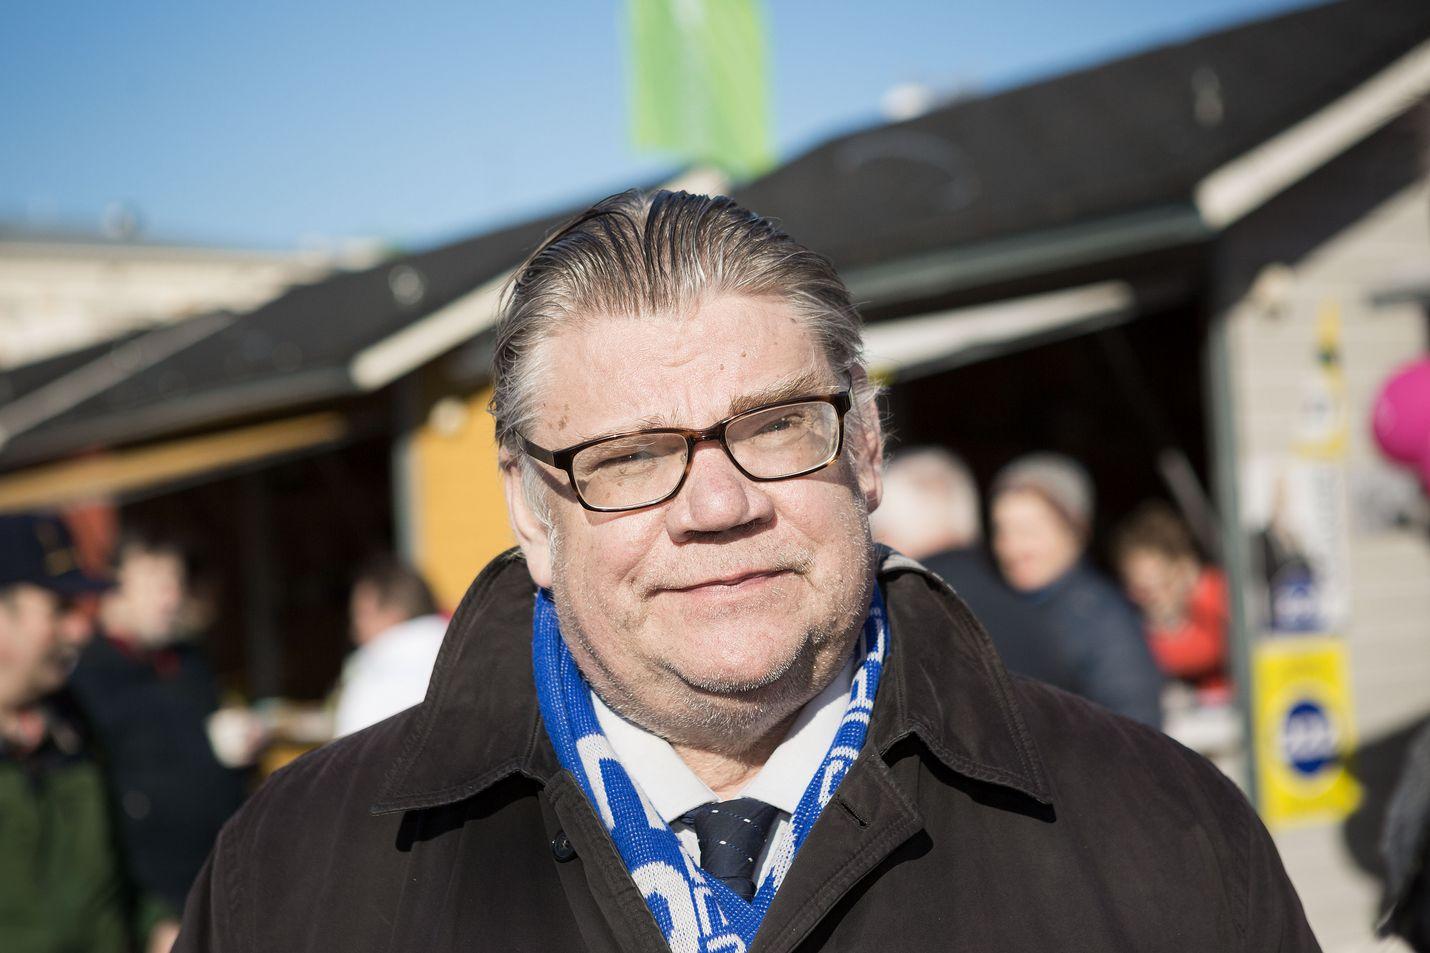 Ulkoministeri Timo Soini (sin.). Pian vapaa mies. Politiikan ruljanssi jää kokonaan.